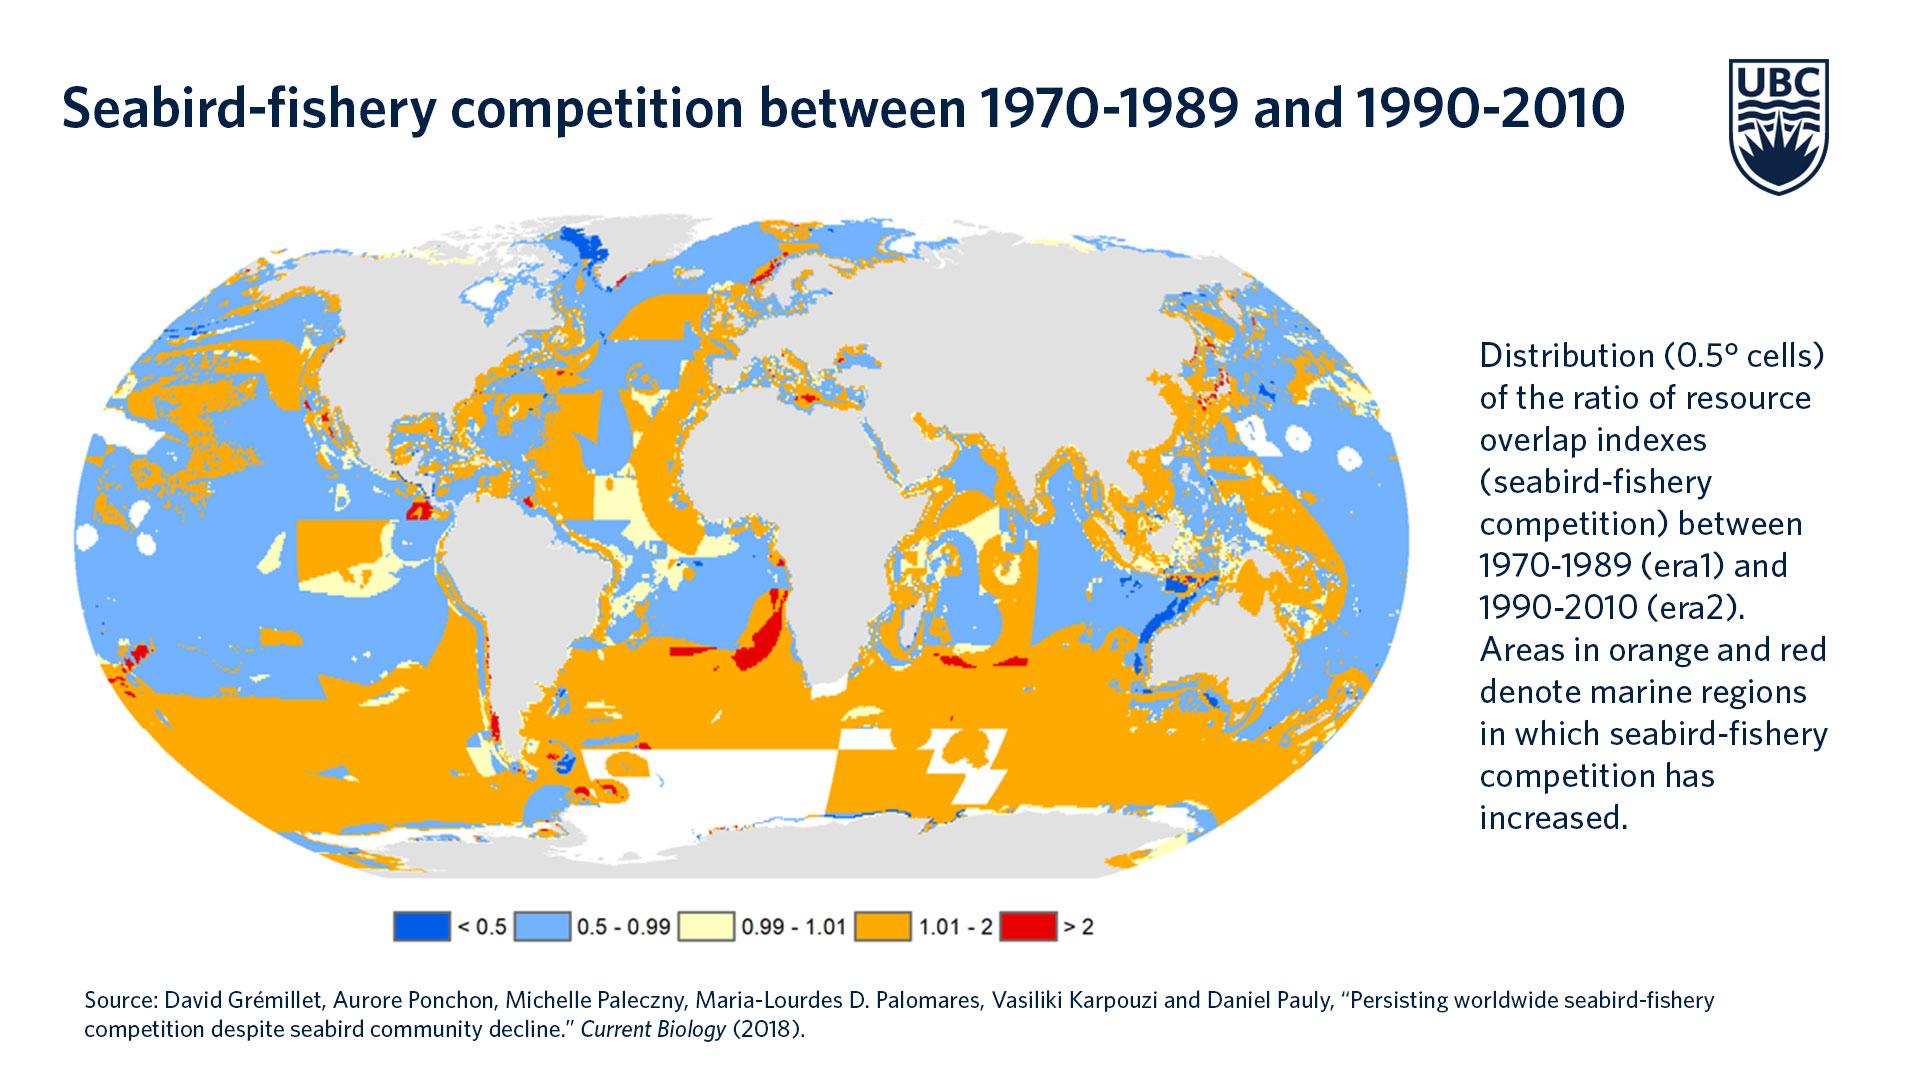 Las areas de rojo y naranja indican las regiones marinas en las que más ha aumentado la competencia por la pesca de aves marinas. Click sobre la imagen para ampliar.